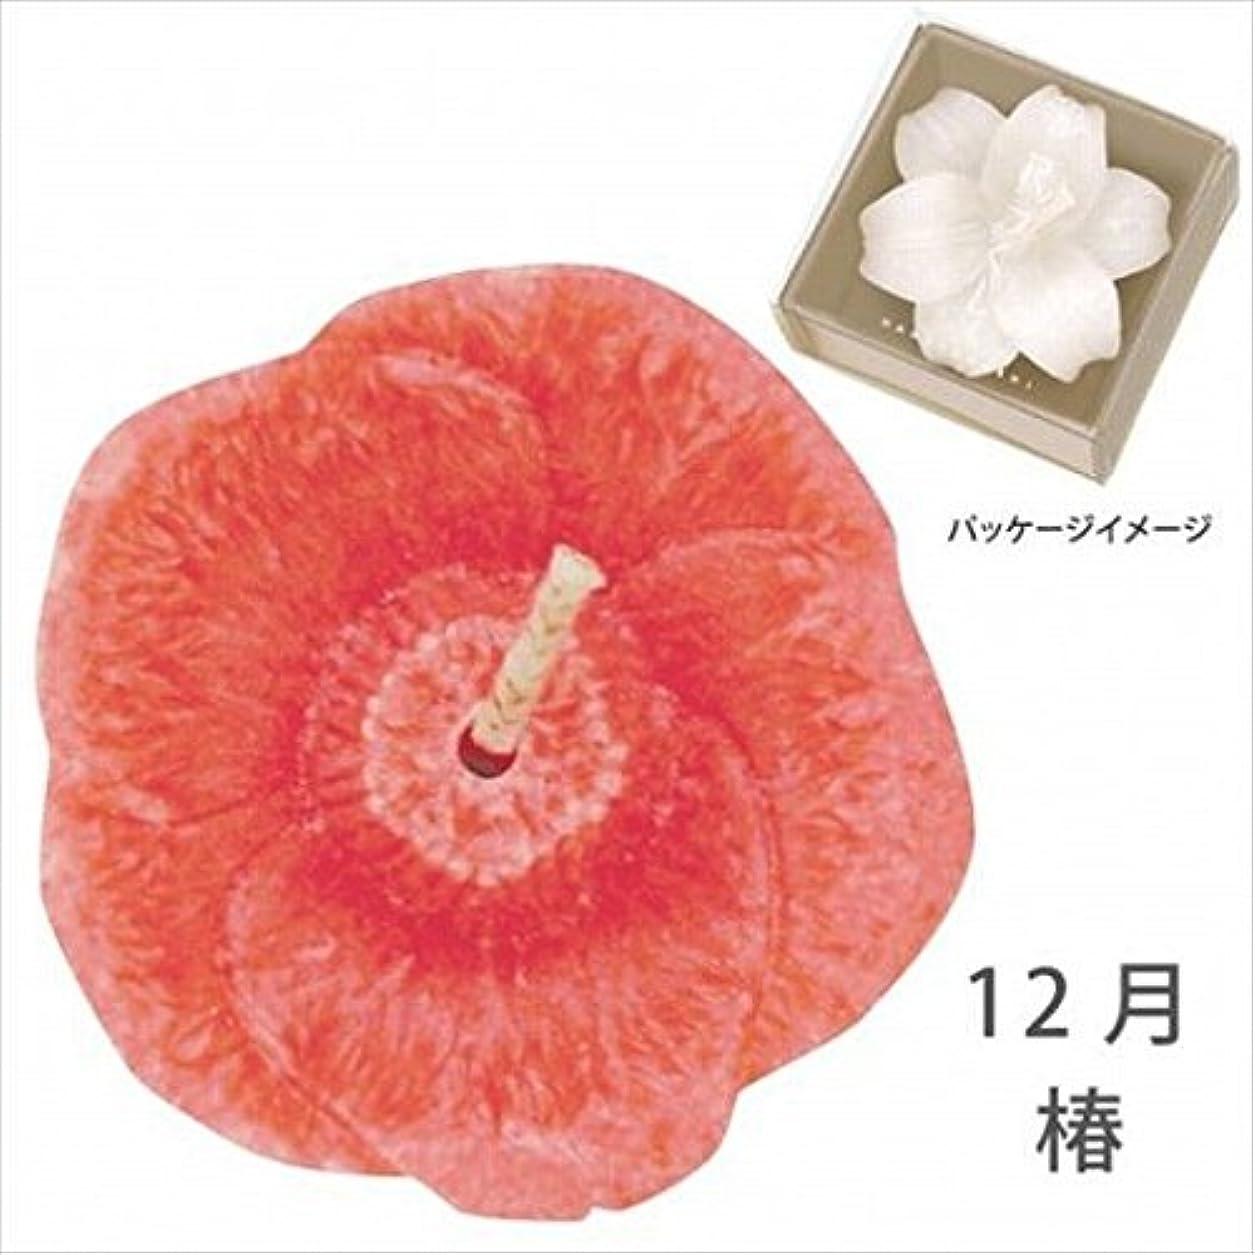 癒す転倒スタッフkameyama candle(カメヤマキャンドル) 花づくし(植物性) 椿 「 椿(12月) 」 キャンドル(A4620520)